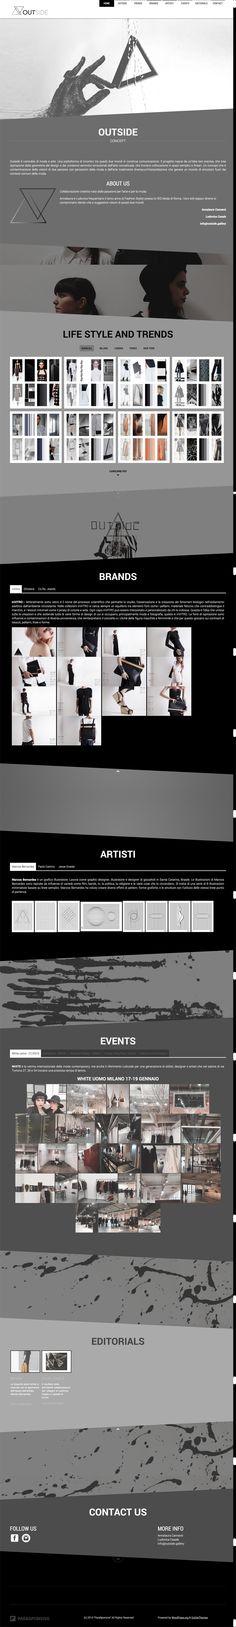 Sito web di presentazione per Outside Gallery - Roma - Homepage - Realizzato con Wordpress - Anno 2015